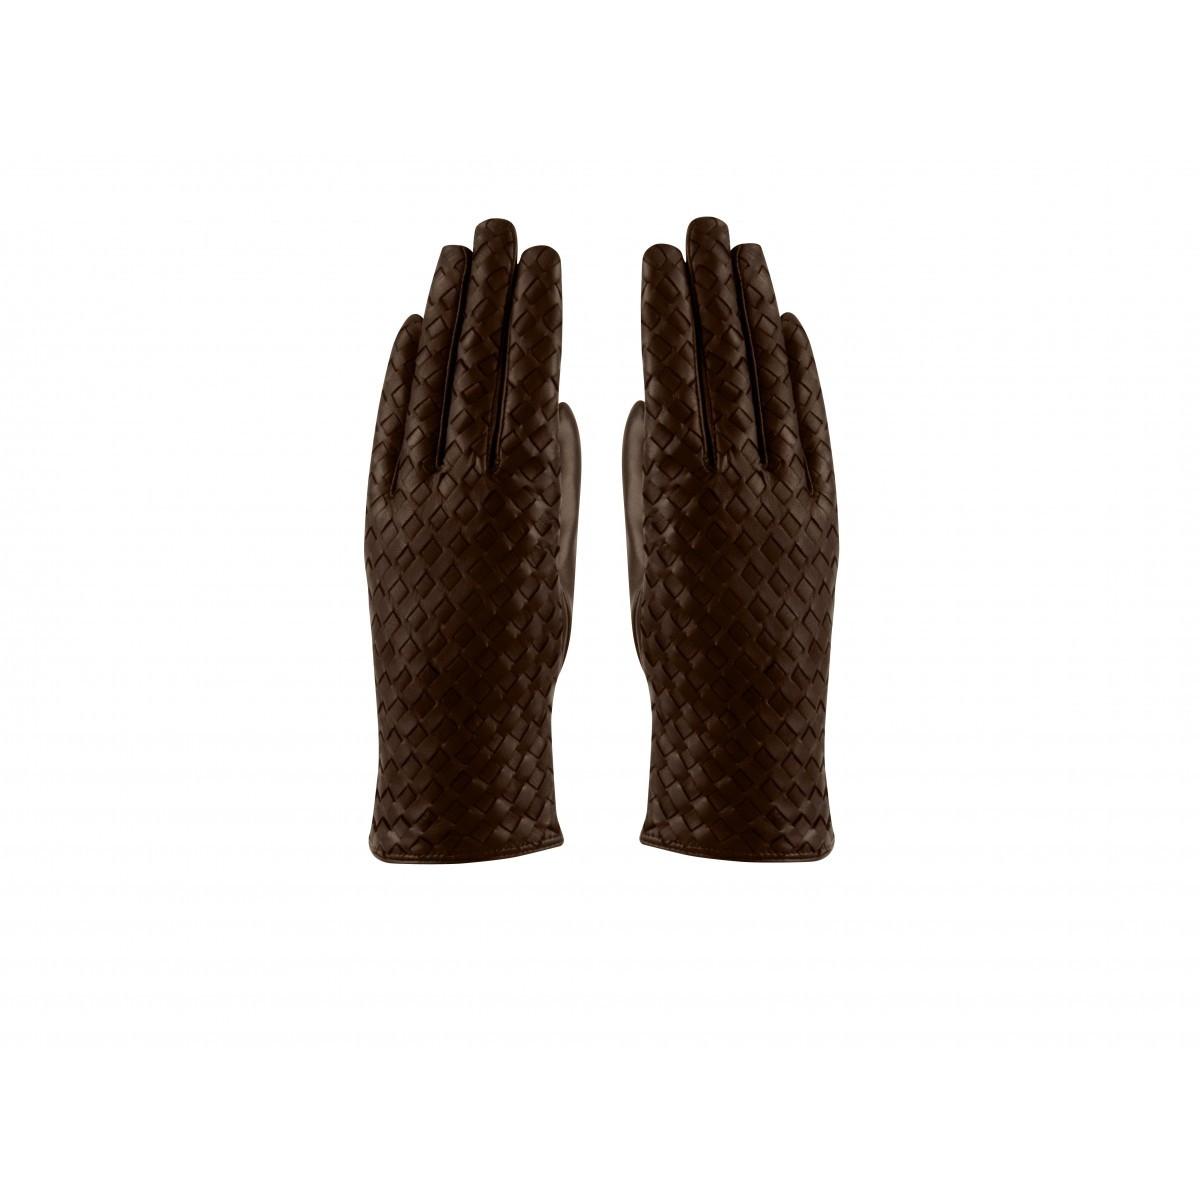 Foto van Hatland Tesla Braided Leather handschoen